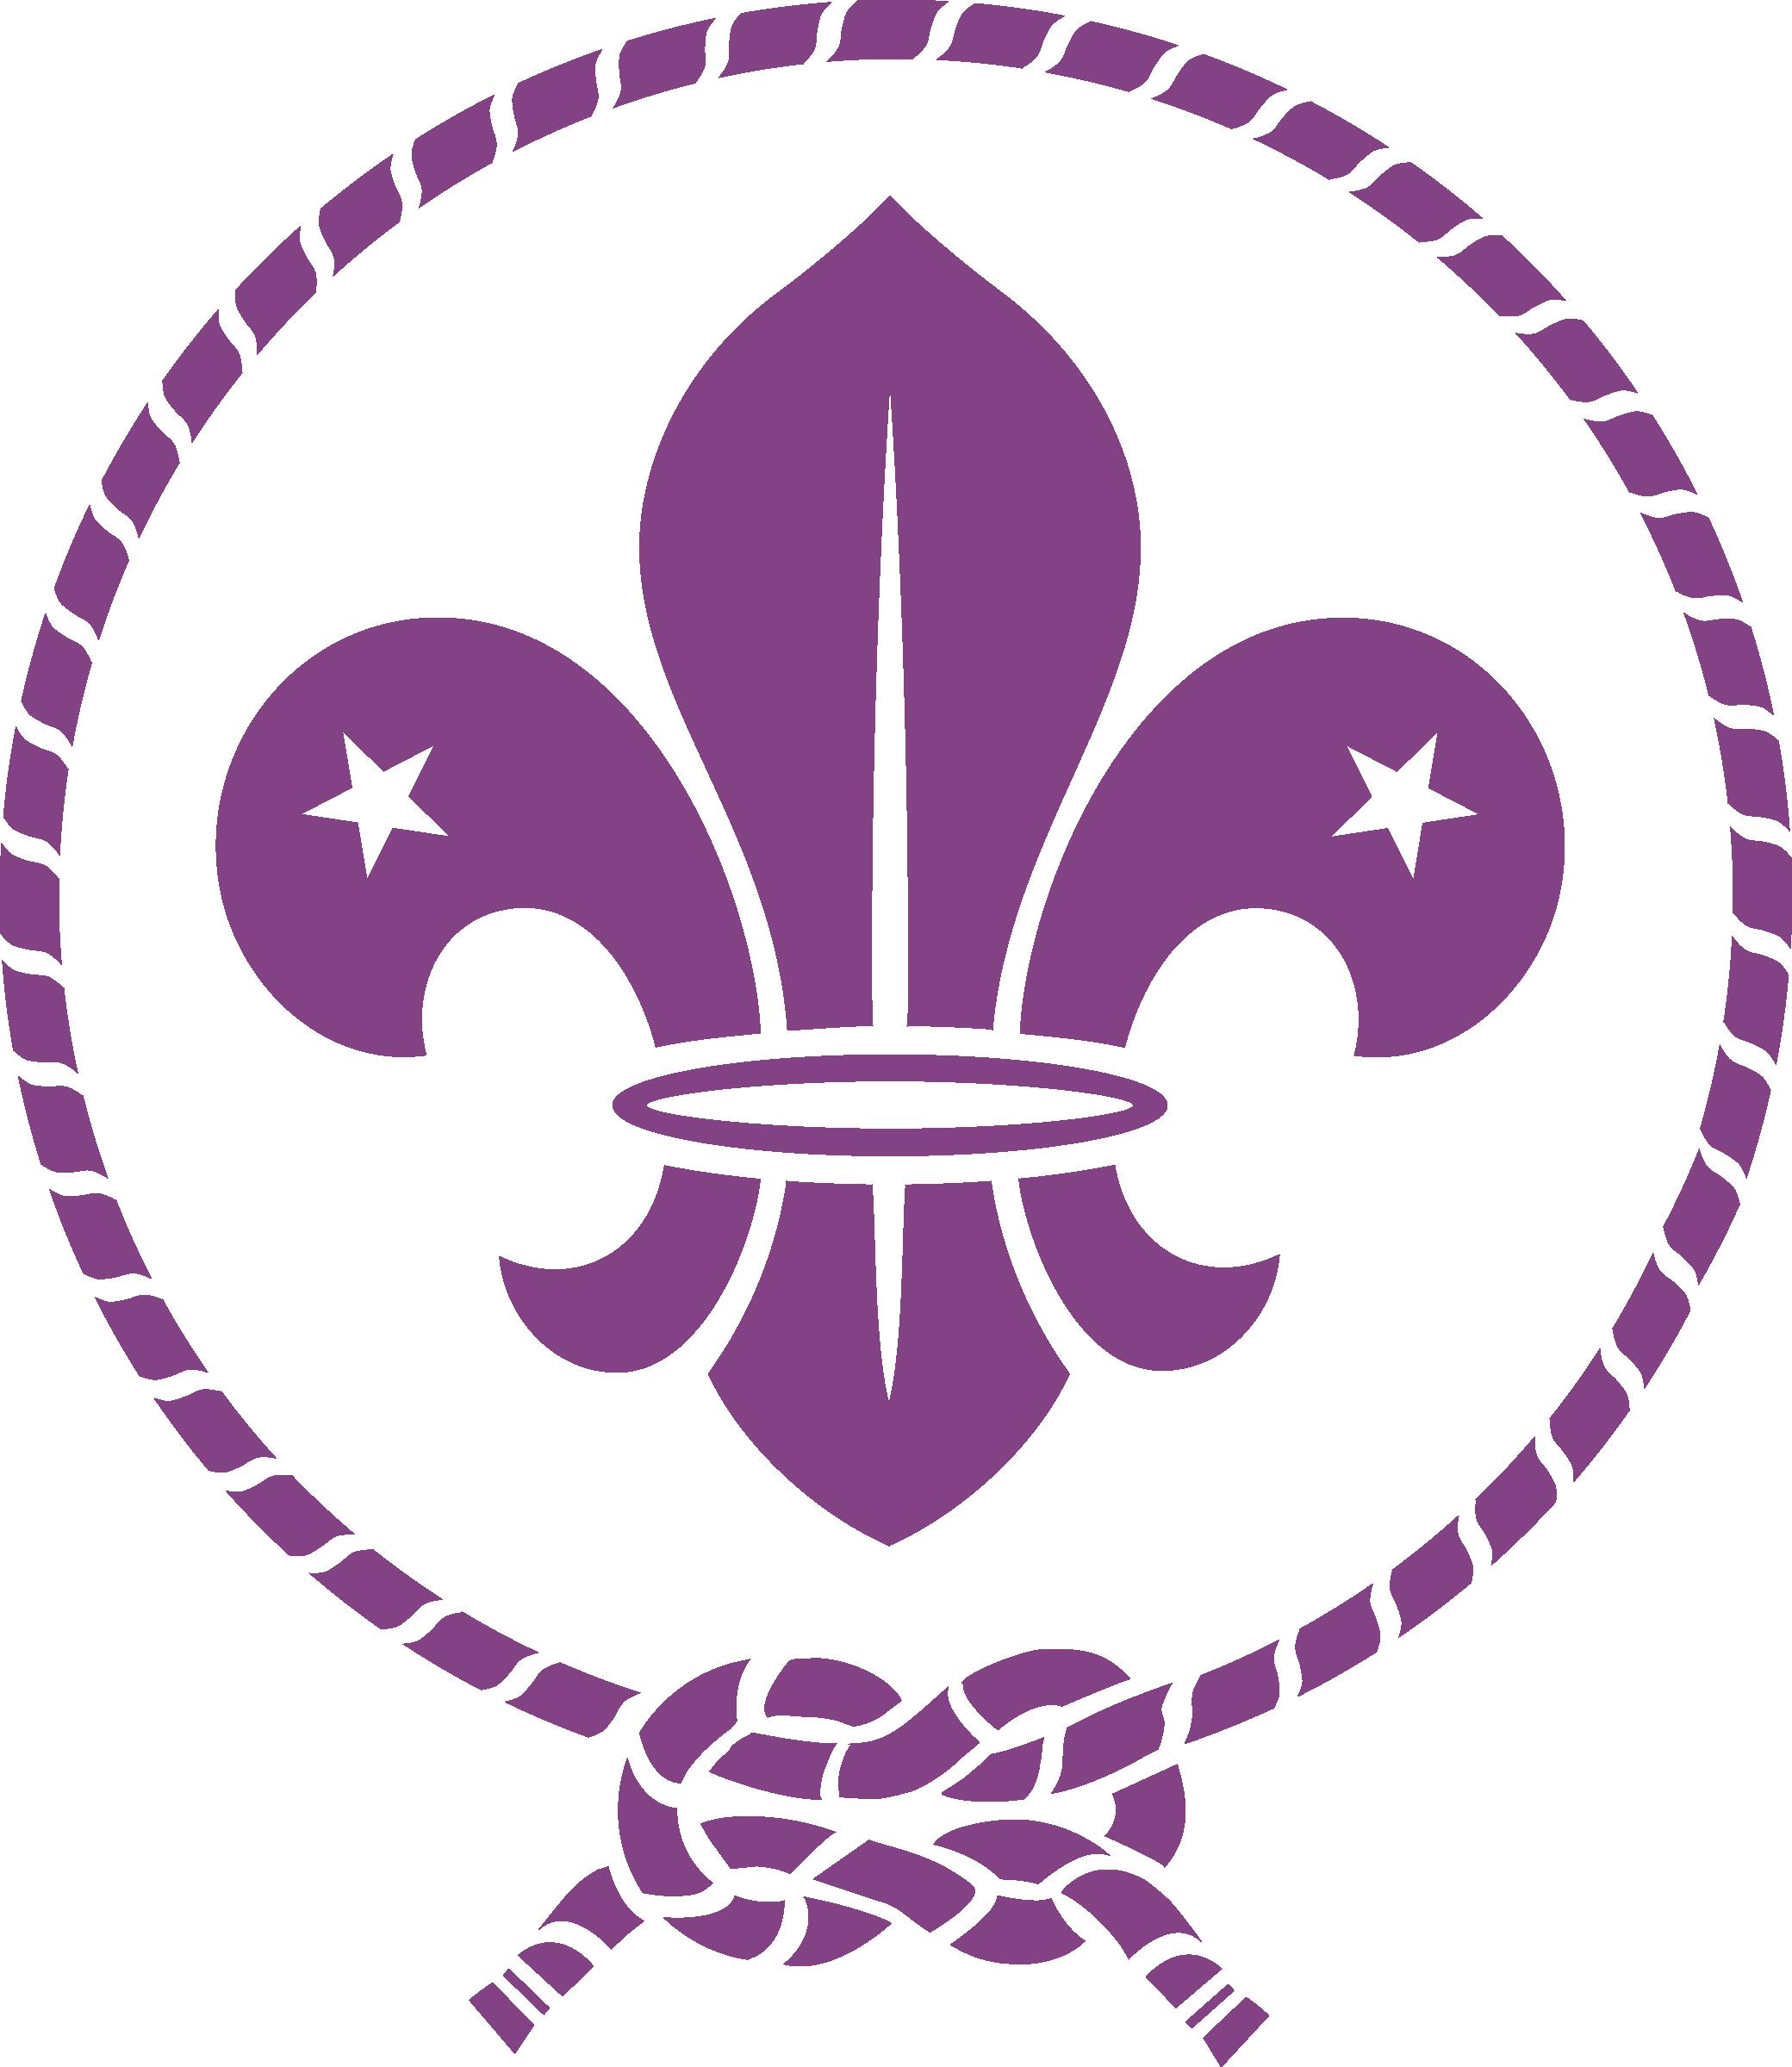 Download Logo Wosm Png